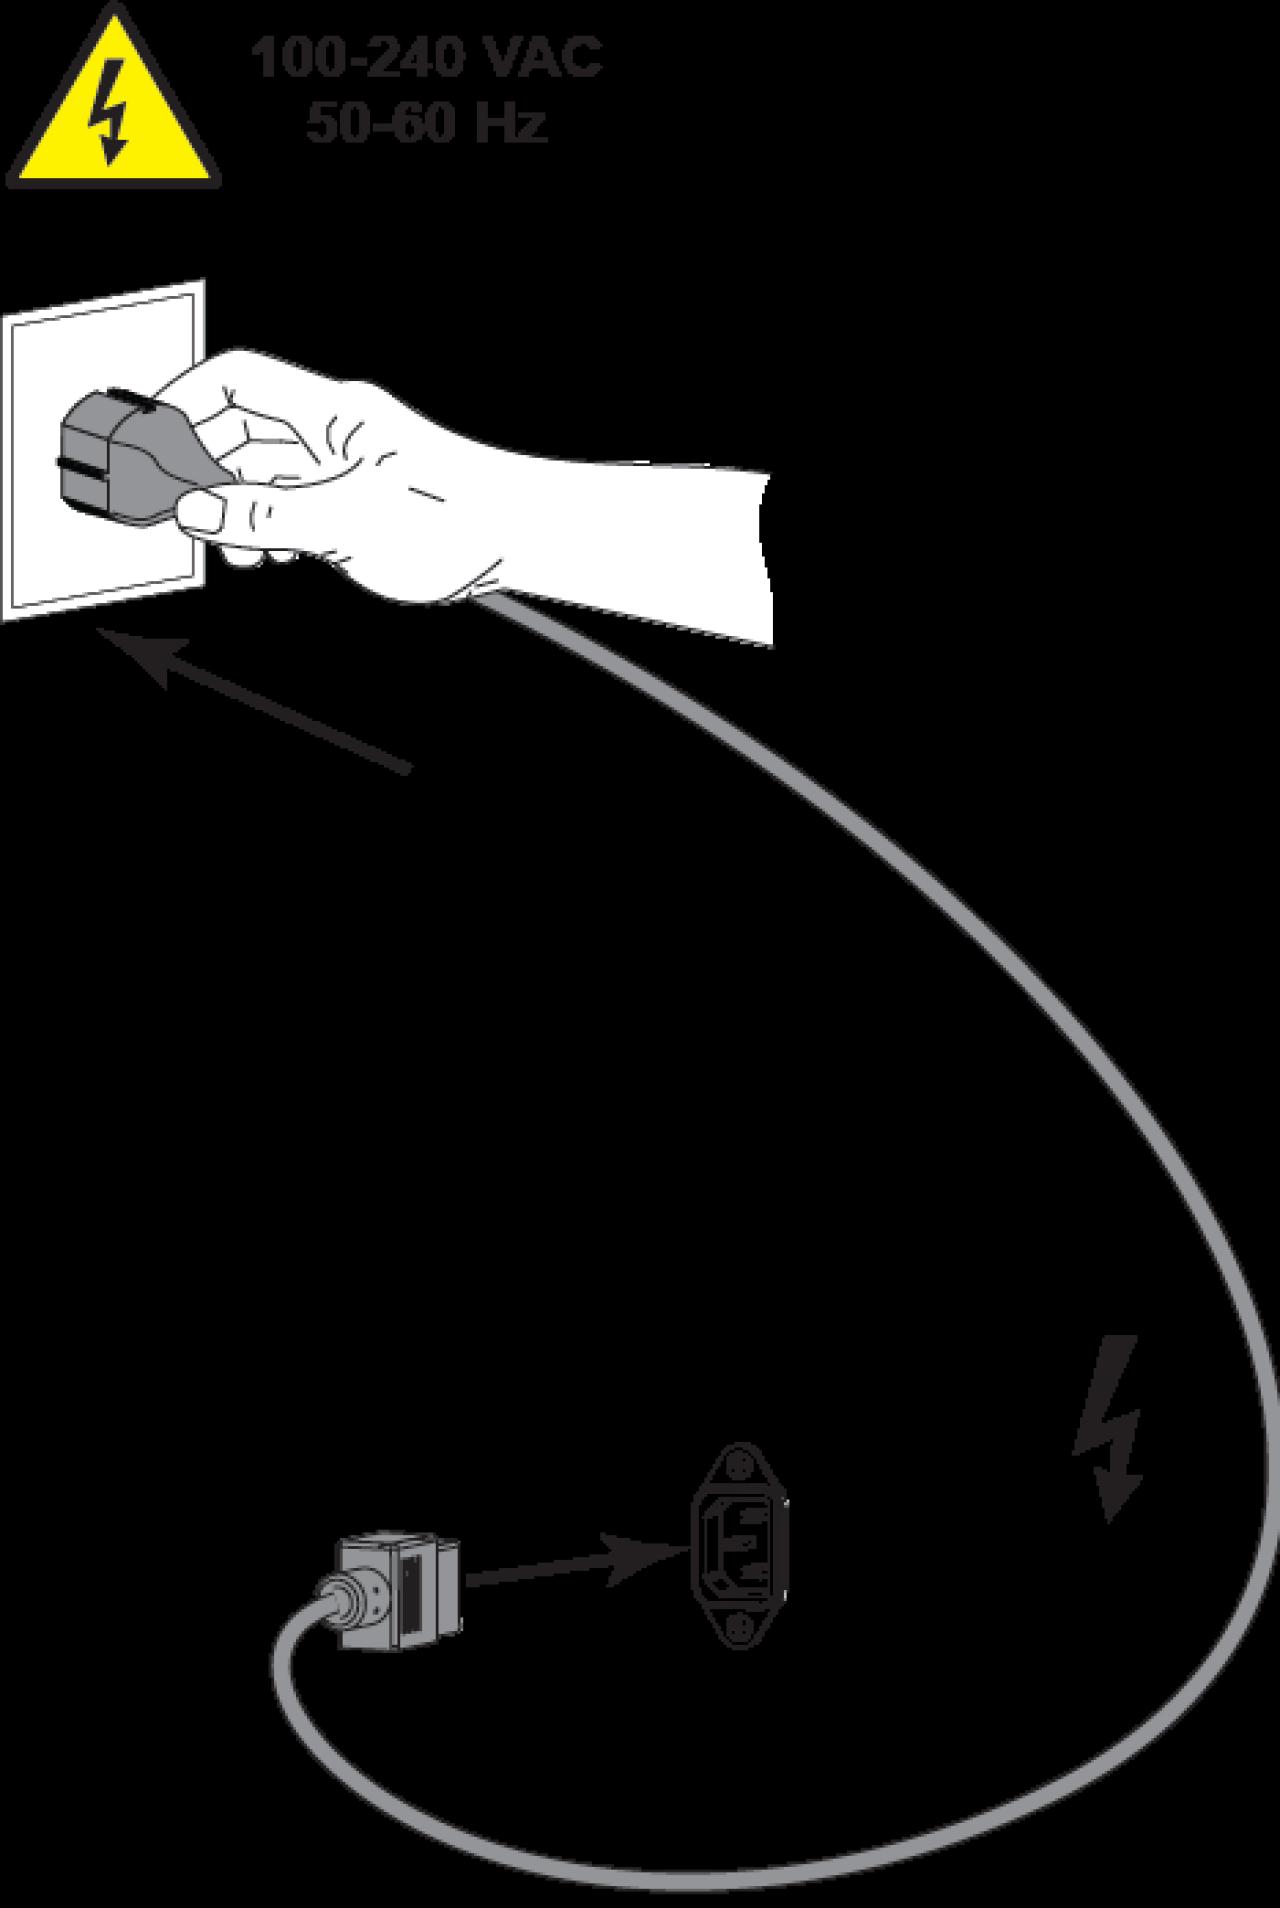 プリンタを接続する方法